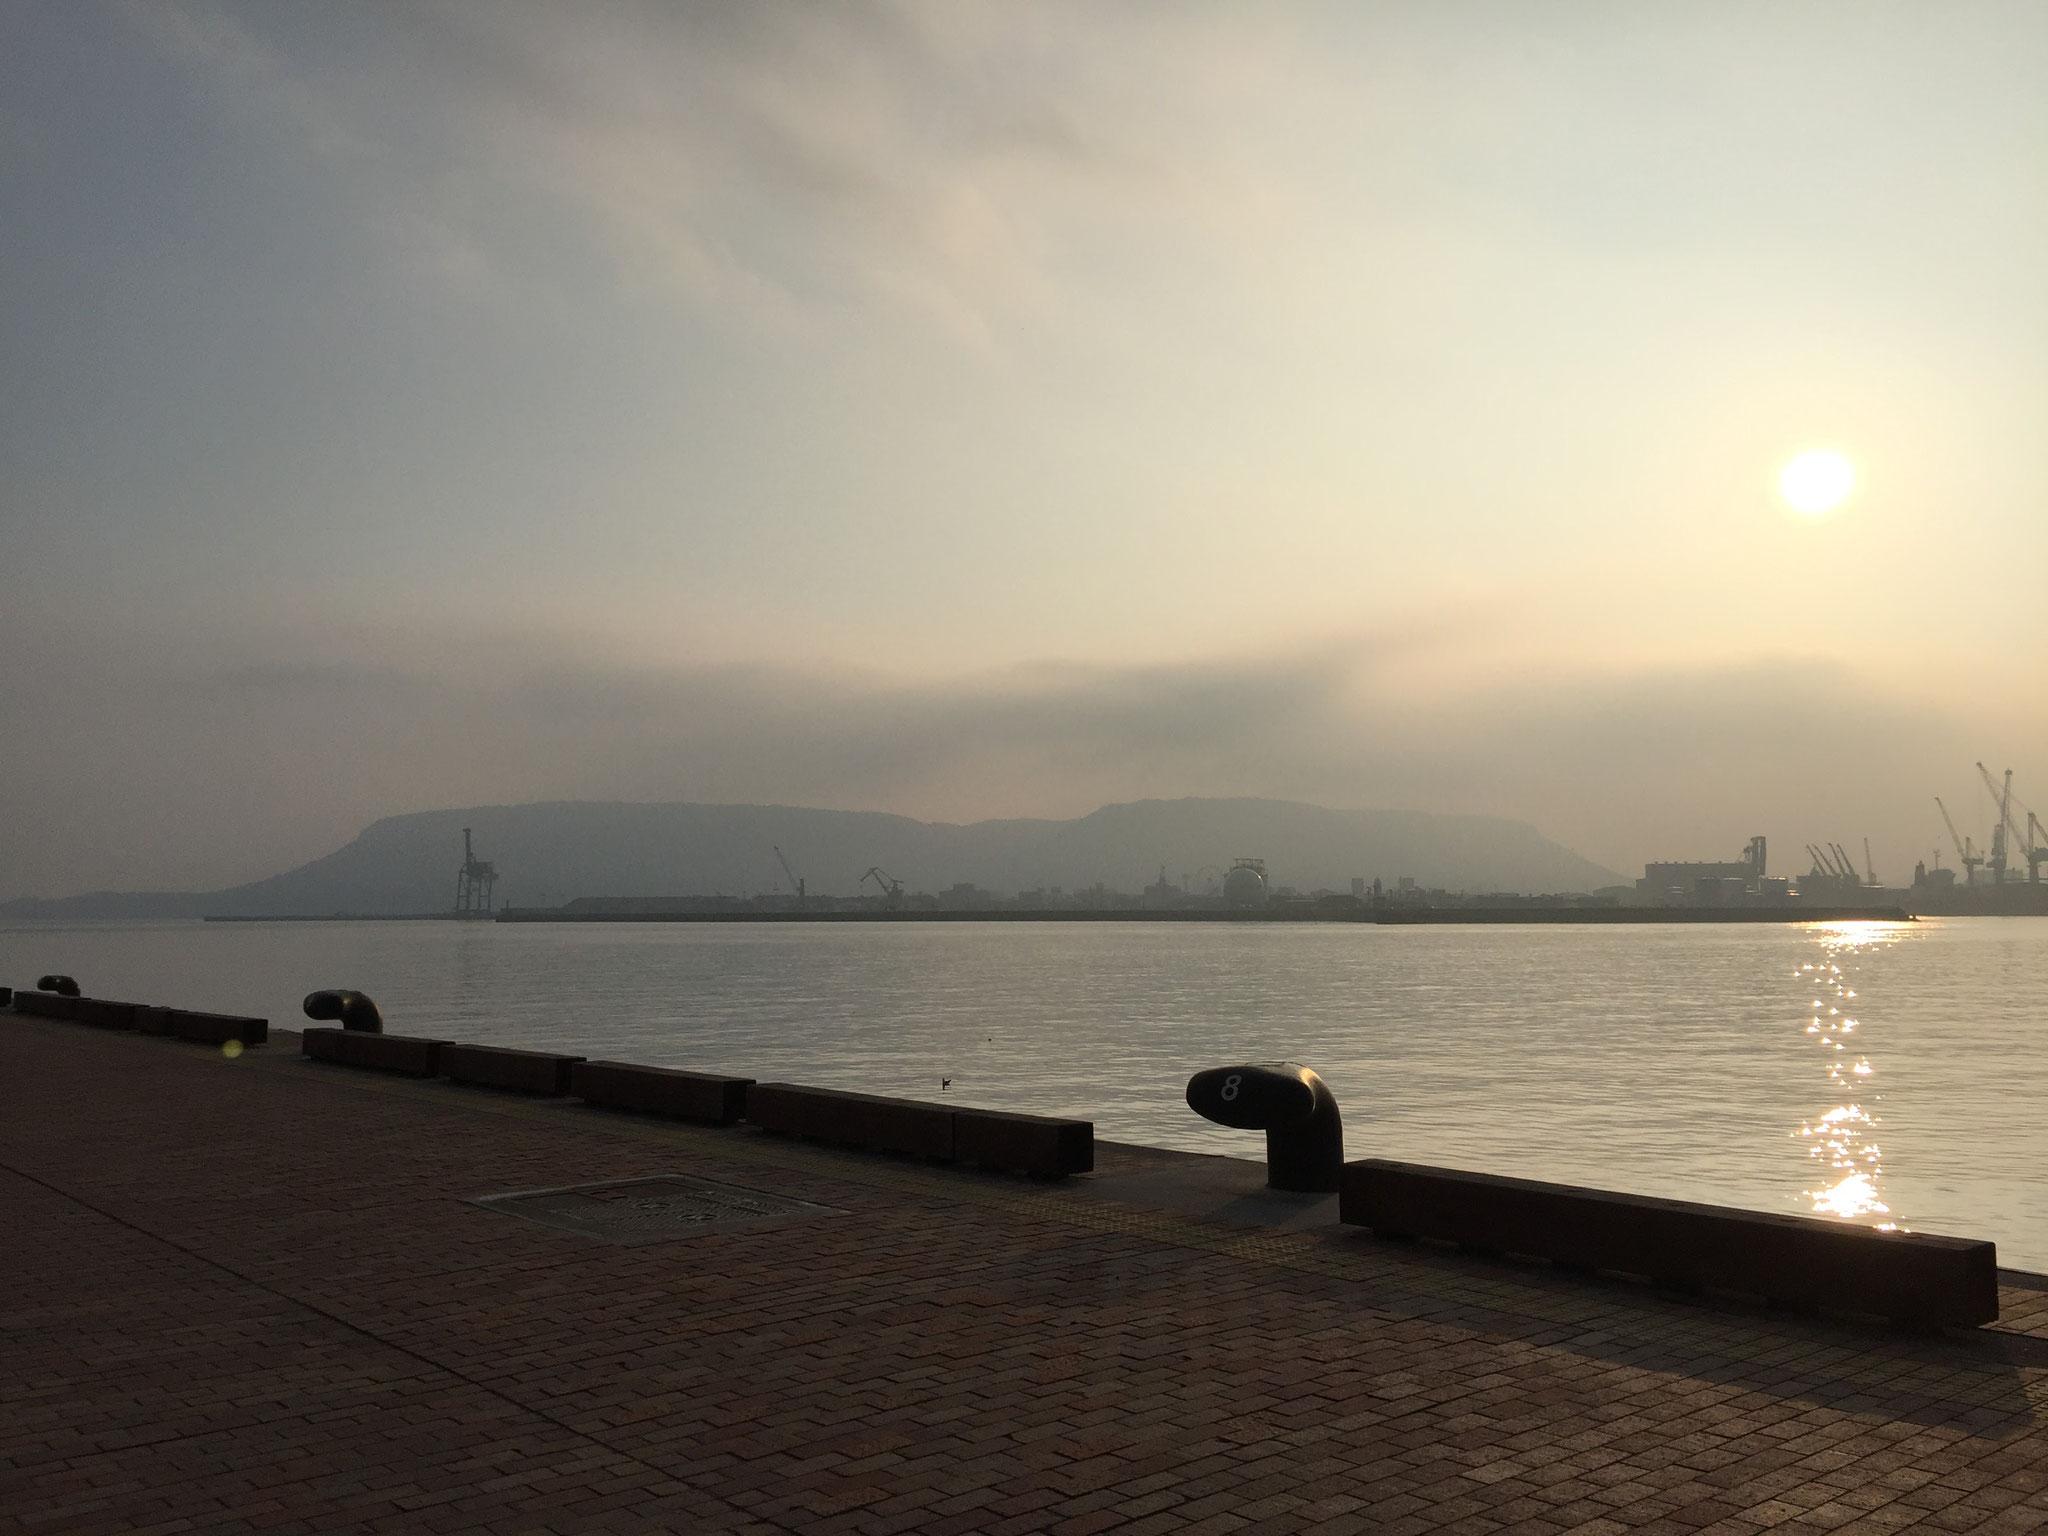 香川、瀬戸内海は穏やかです。朝日も綺麗!